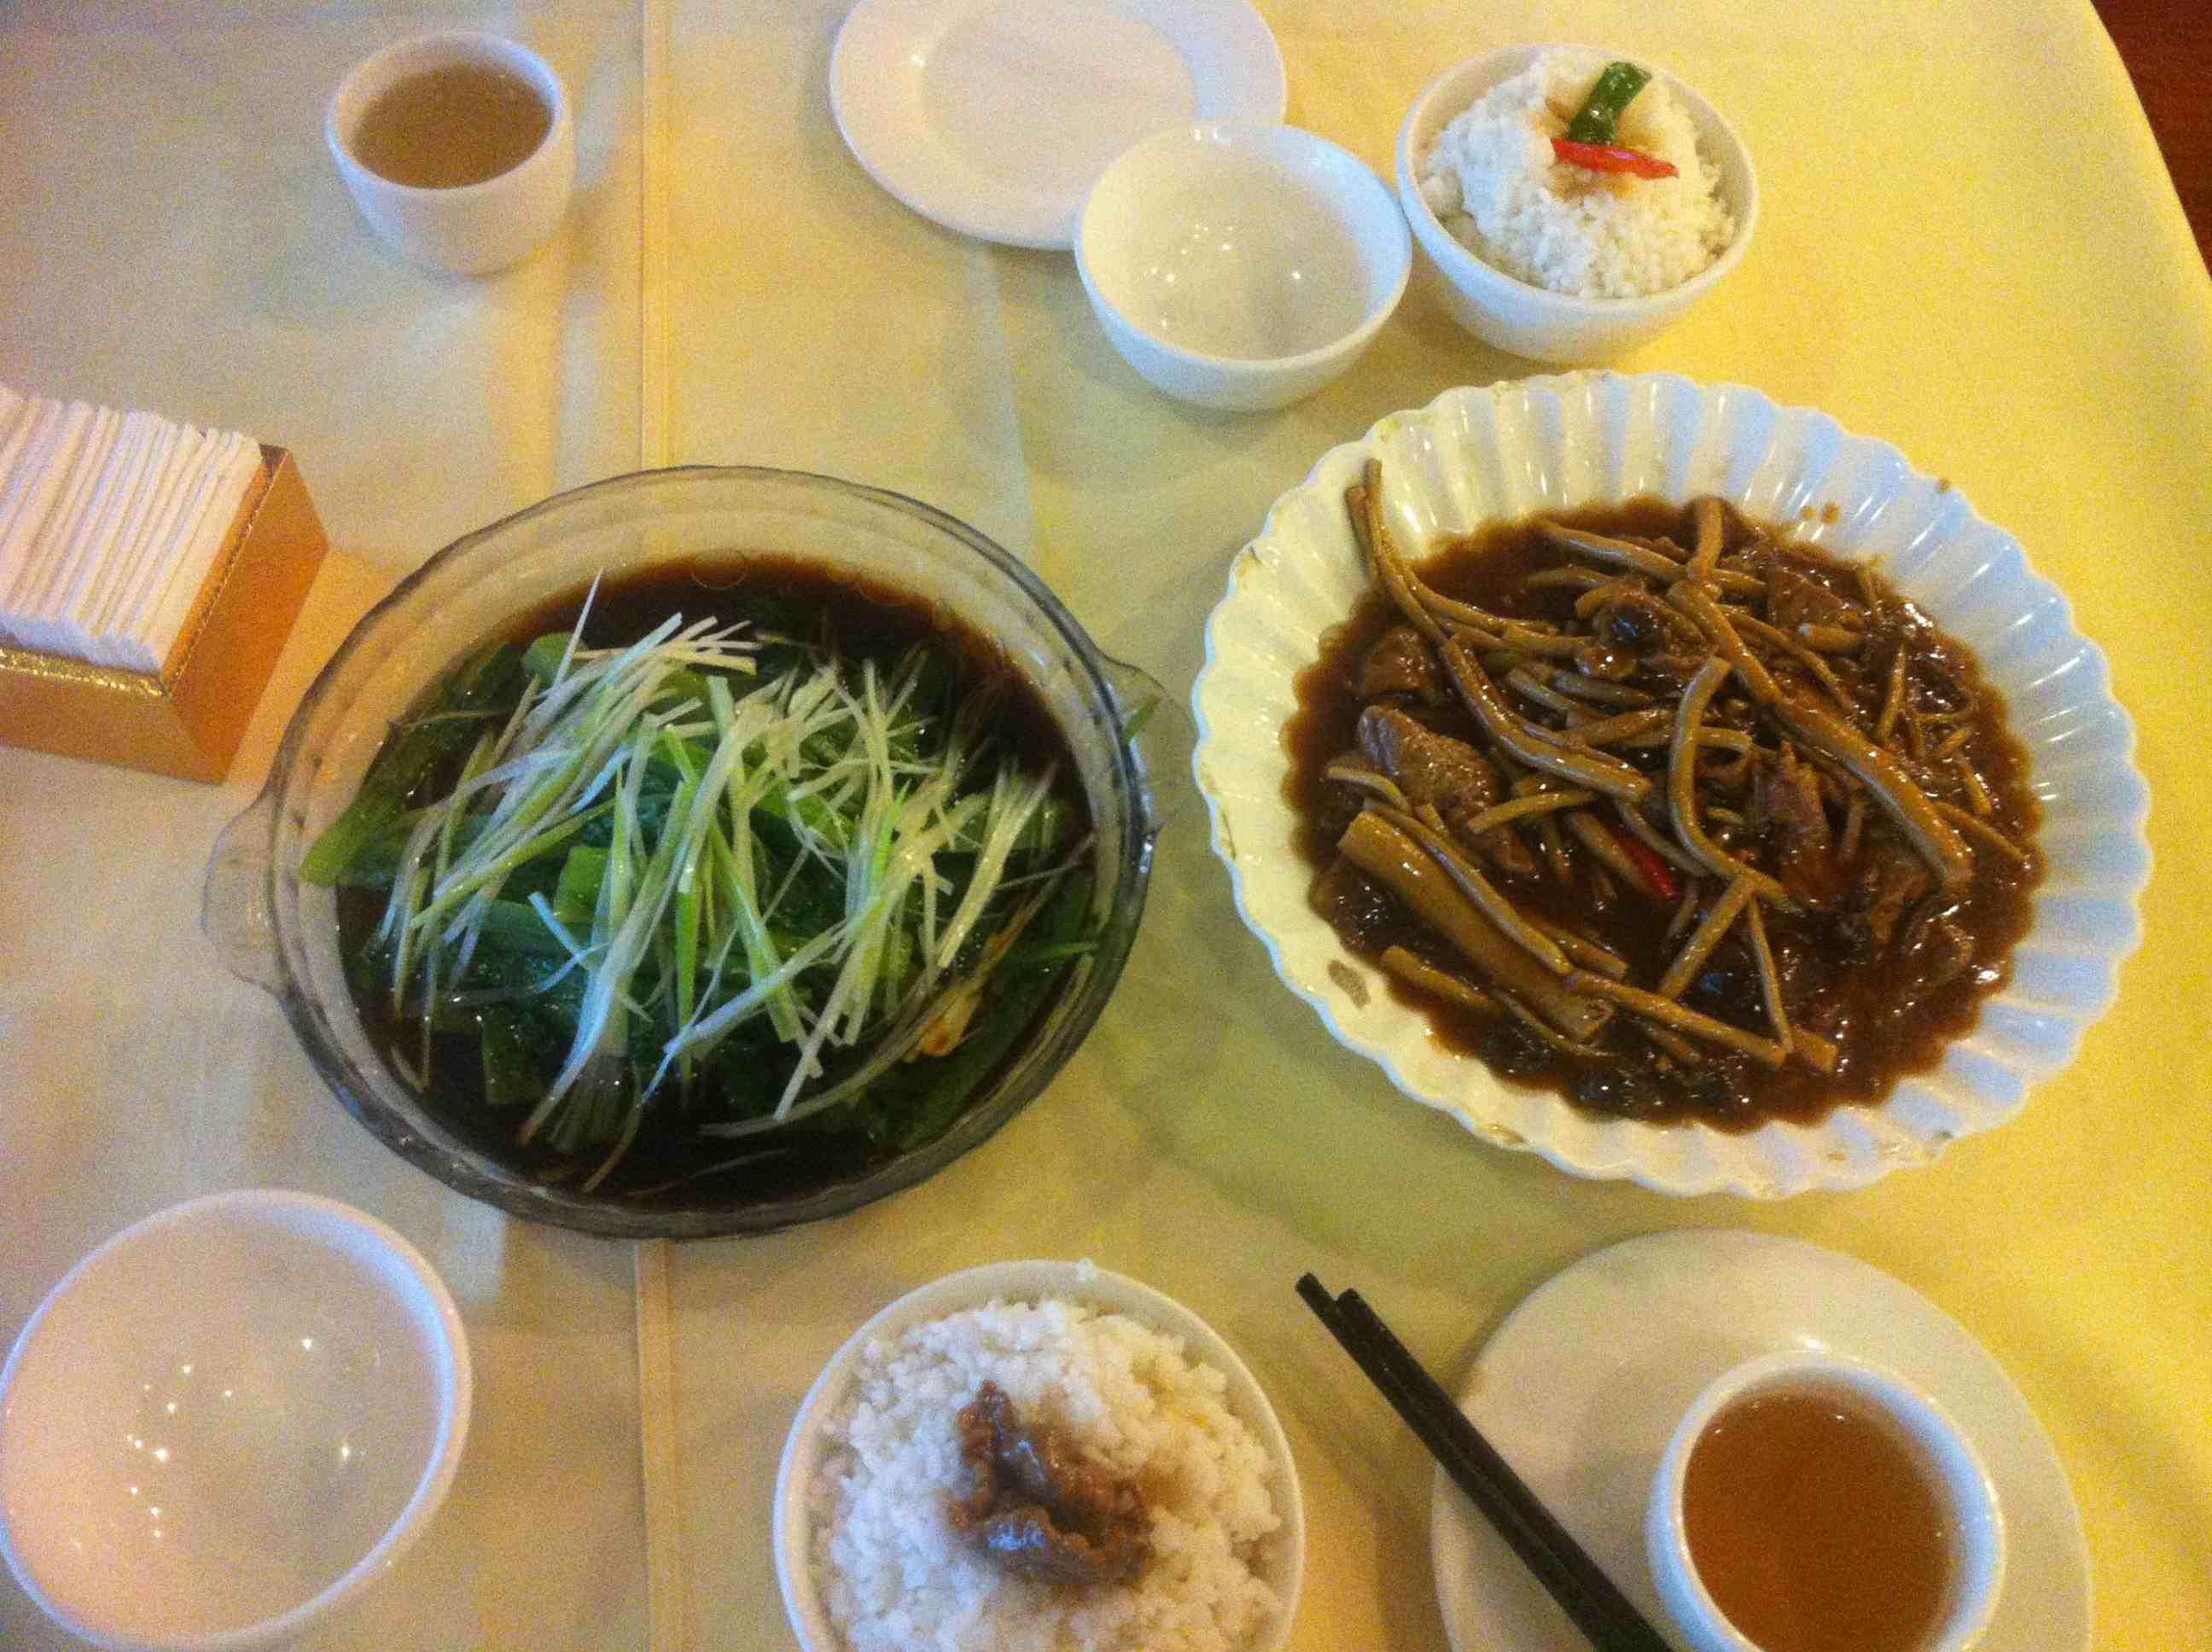 Unsere 8 Schätze - Einblicke in die Küche Westchinas